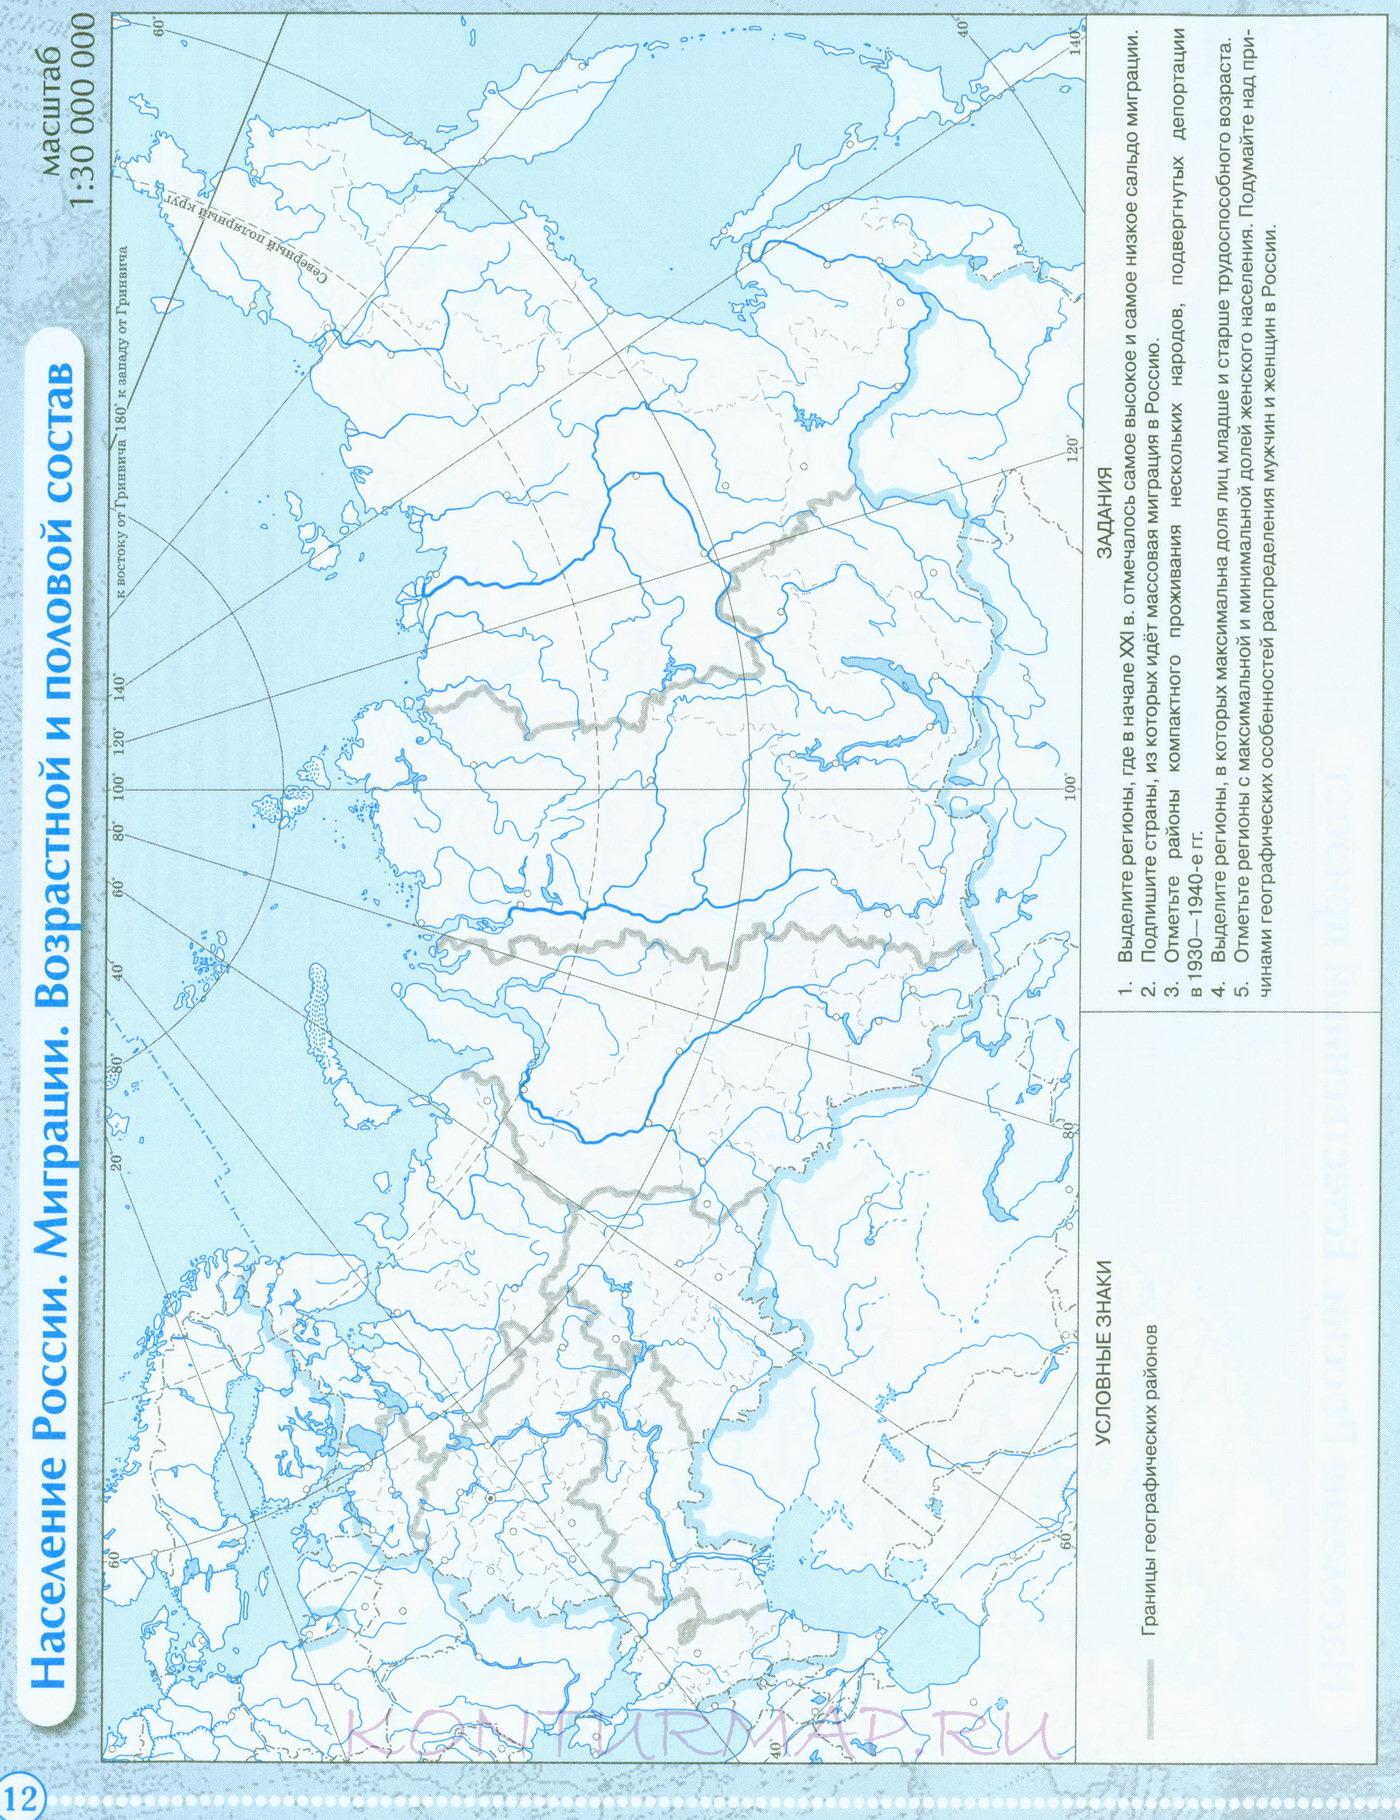 Скачать бесплатно контурные карты география 8 класс